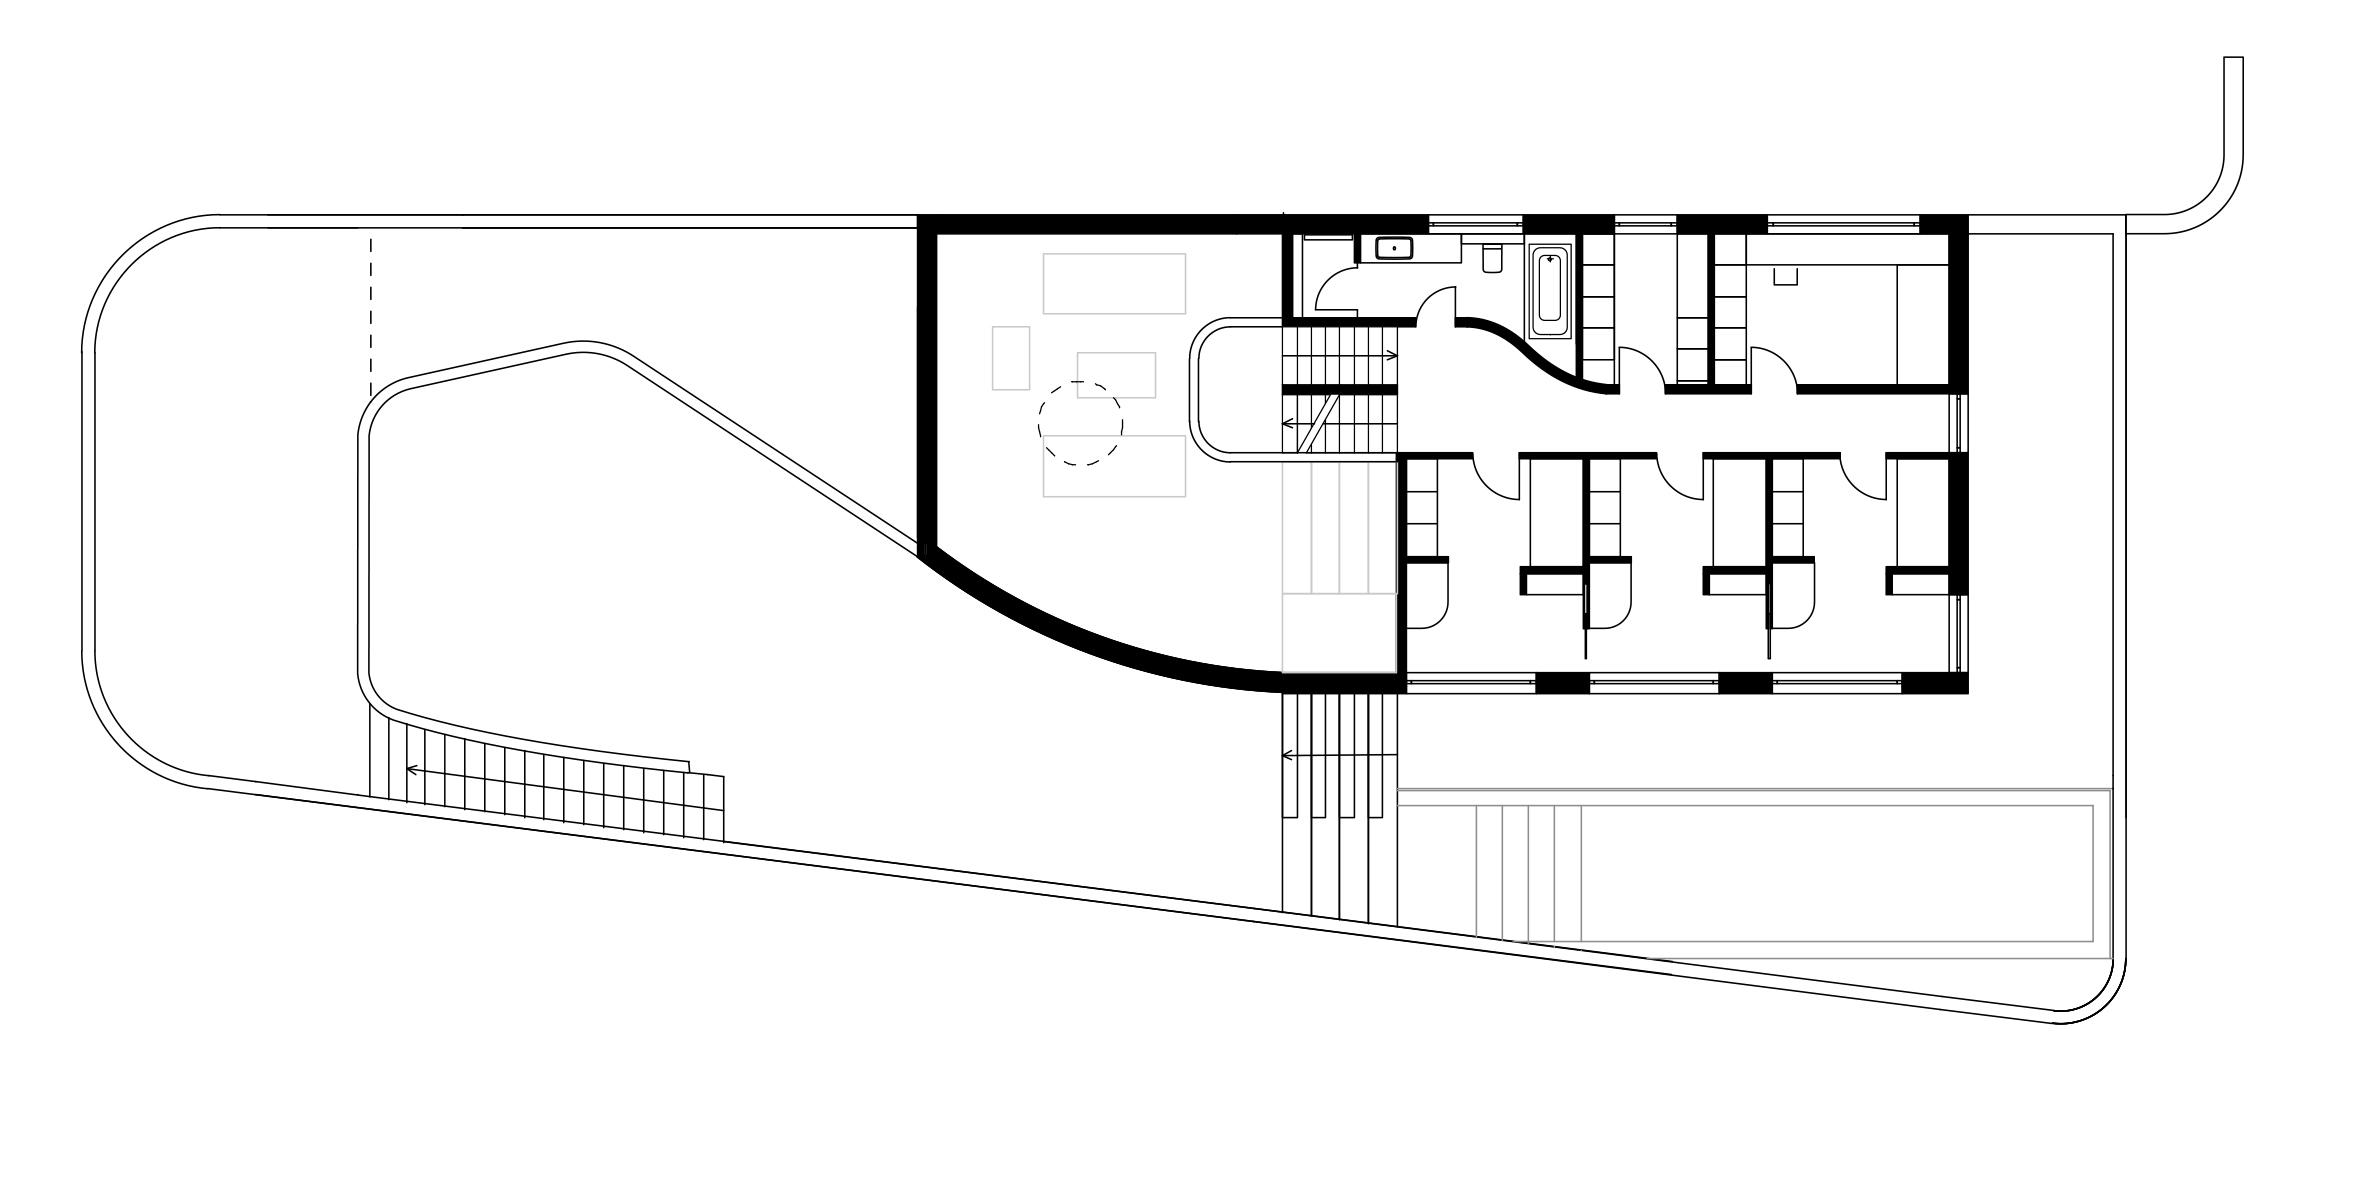 Architektur Bruchsal, Deutschland